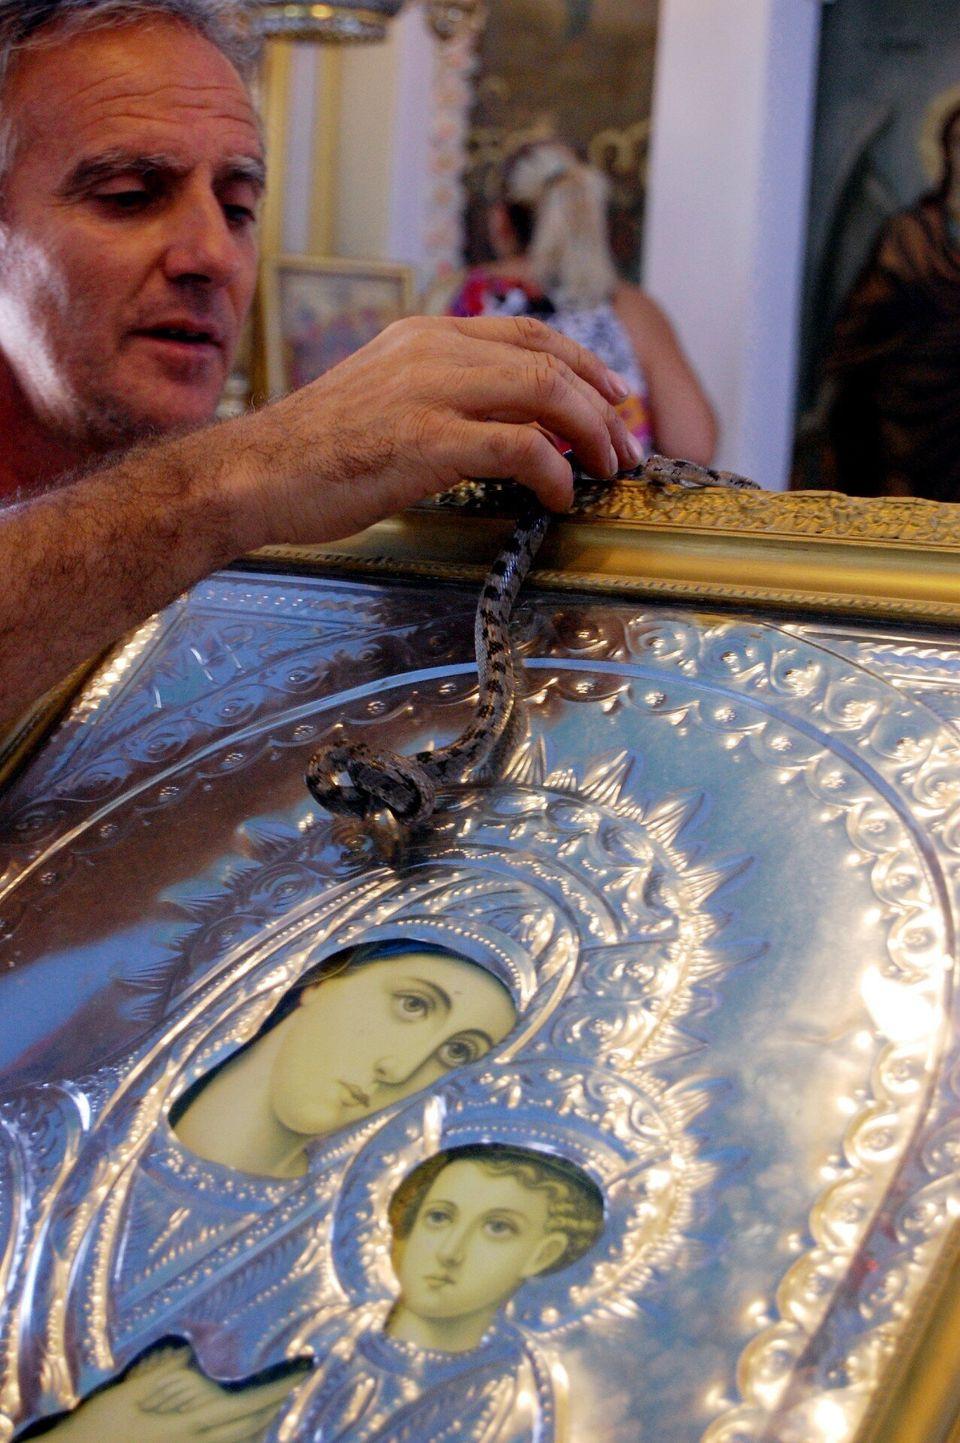 Φωτογραφία αρχείου 2008 - Κεφαλονιά , τα φιδάκια της Παναγίας, ανήμερα του Δεκαπενταύγουστου στο χωριό Αργίνια